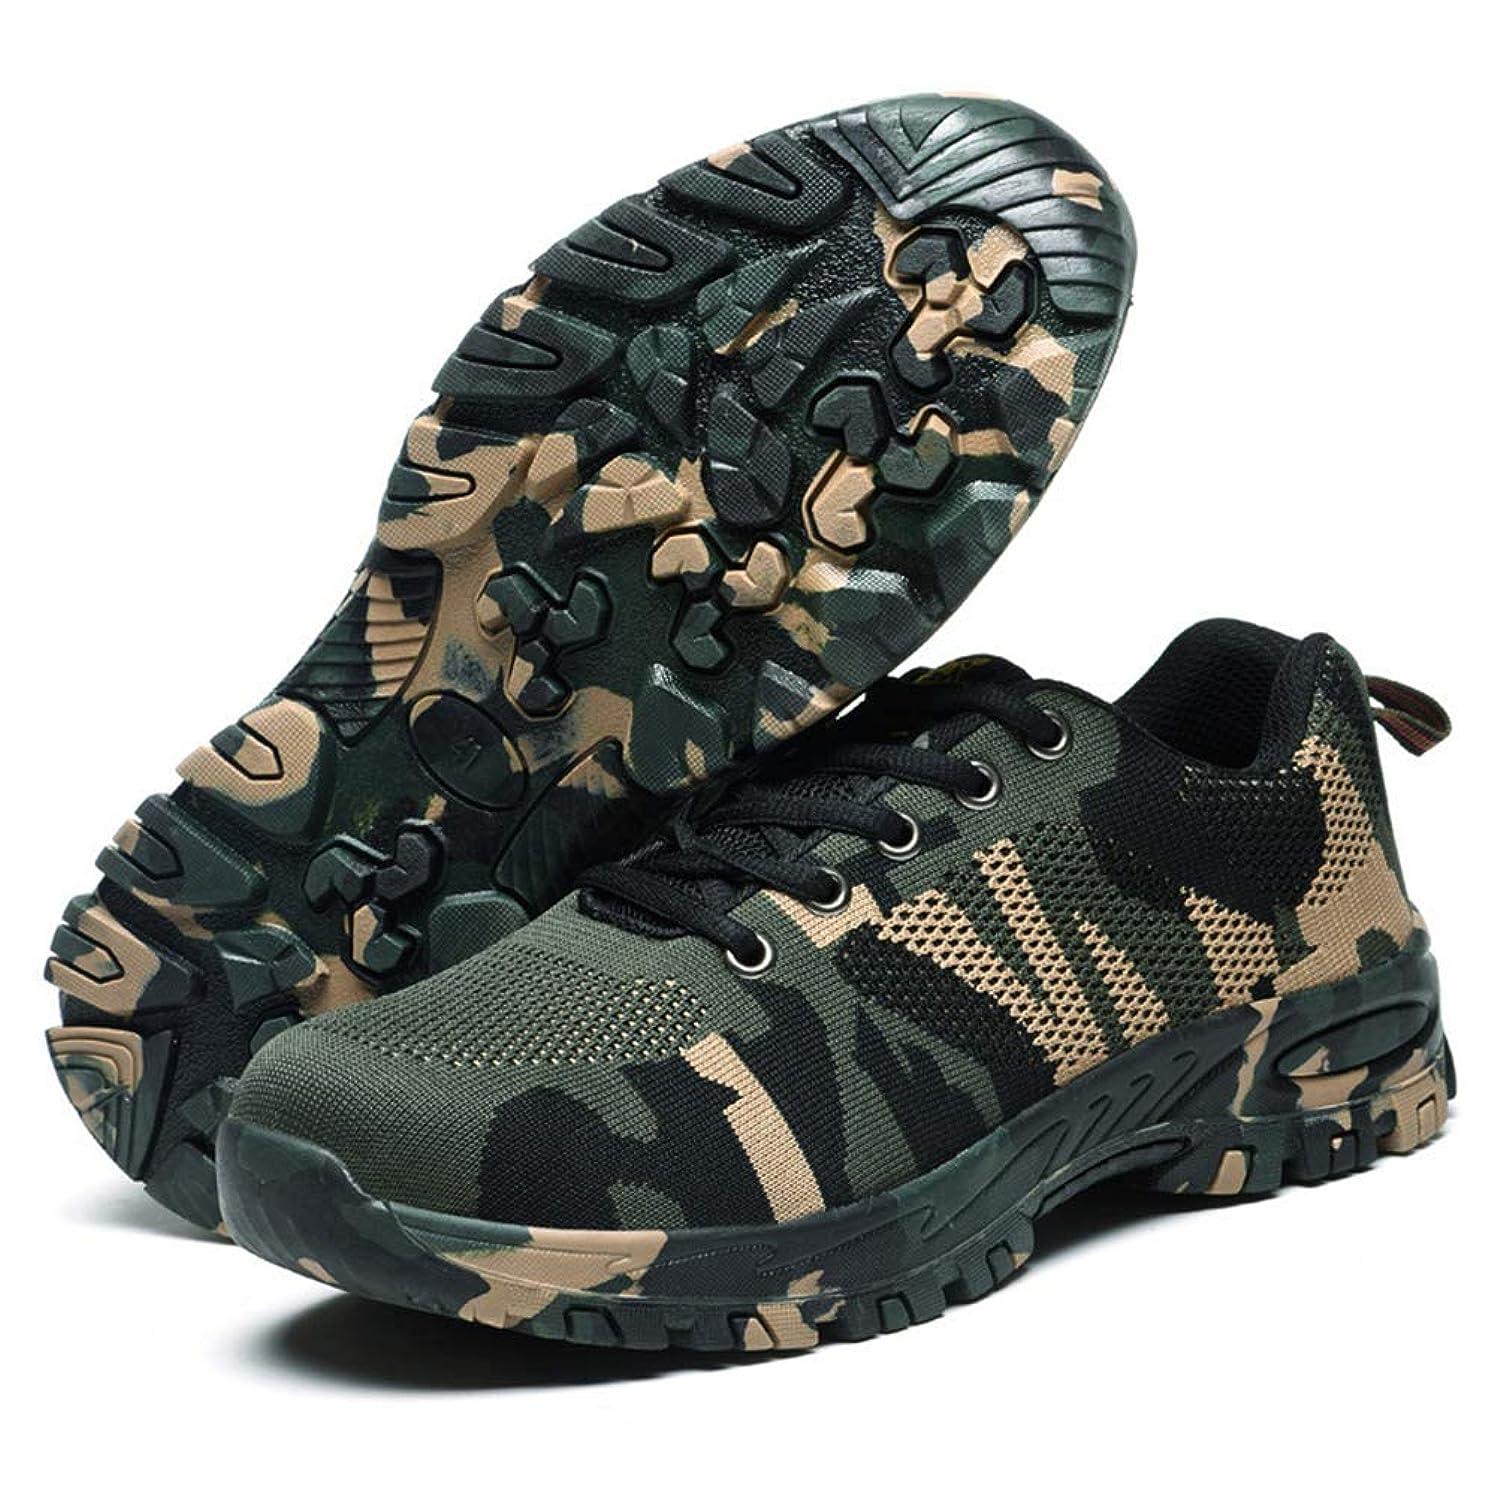 ラフレシアアルノルディくるみガイド[AcMeer] 迷彩 作業靴 安全靴 カモフラ メンズ 先芯入り セーフティーシューズ 労働保険靴 アウトドアシューズ レースアップ 通気 耐摩耗 防刺 耐滑